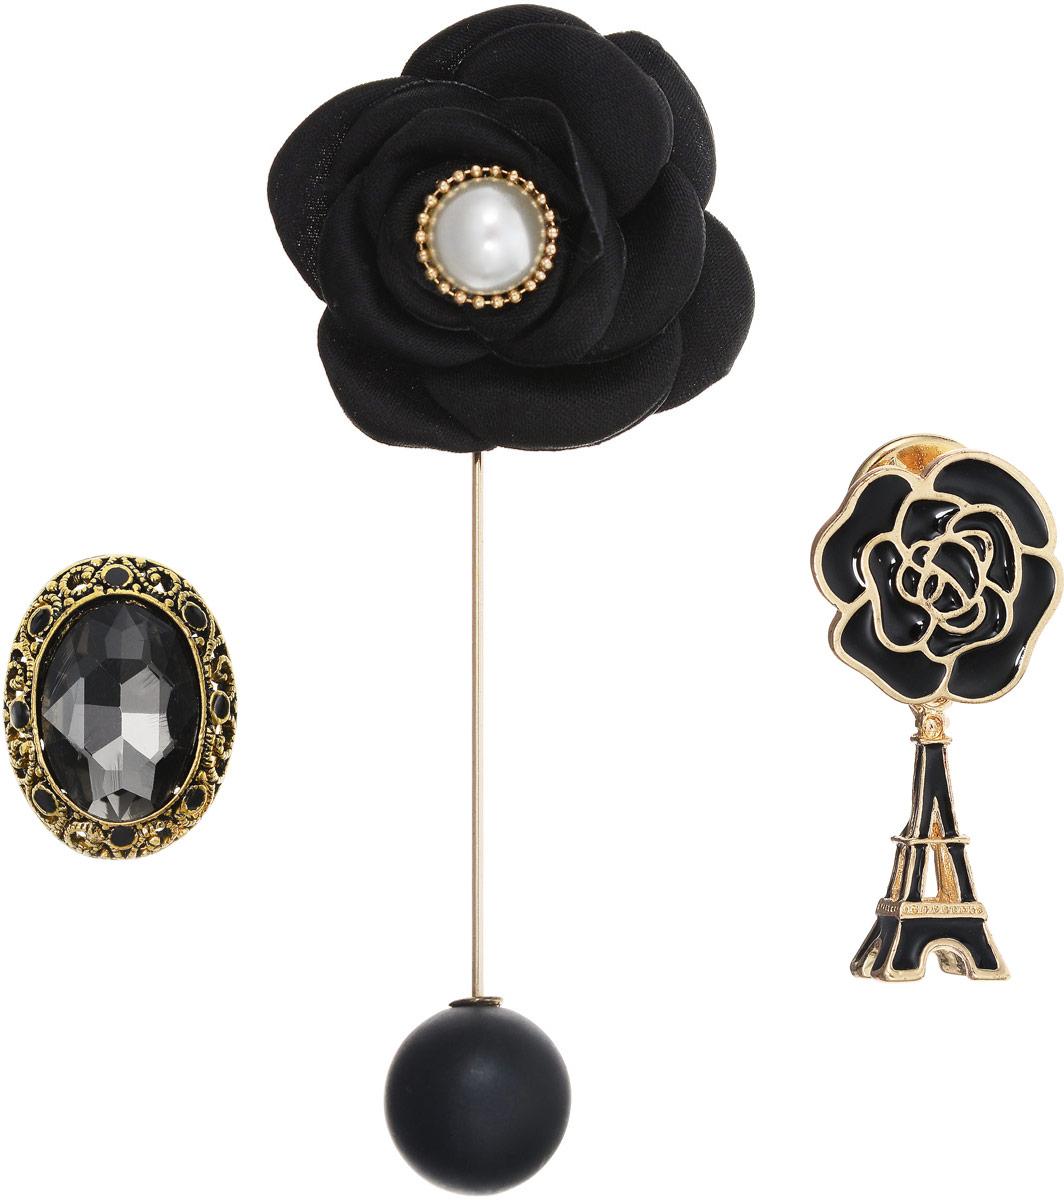 Брошь Taya, цвет: золотистый, 3 шт. T-B-12555T-B-12555-BROOCH-GOLDИзысканный набор Taya из трех брошей: брошь-булавка, в которой снимается черная матовая жемчужина-шар; брошь-значок в виде черно-золотой розы и подвеской Эйфелевой башней; брошь-значок с графитовым кристаллом в богатой рамке цвета черненого золота.